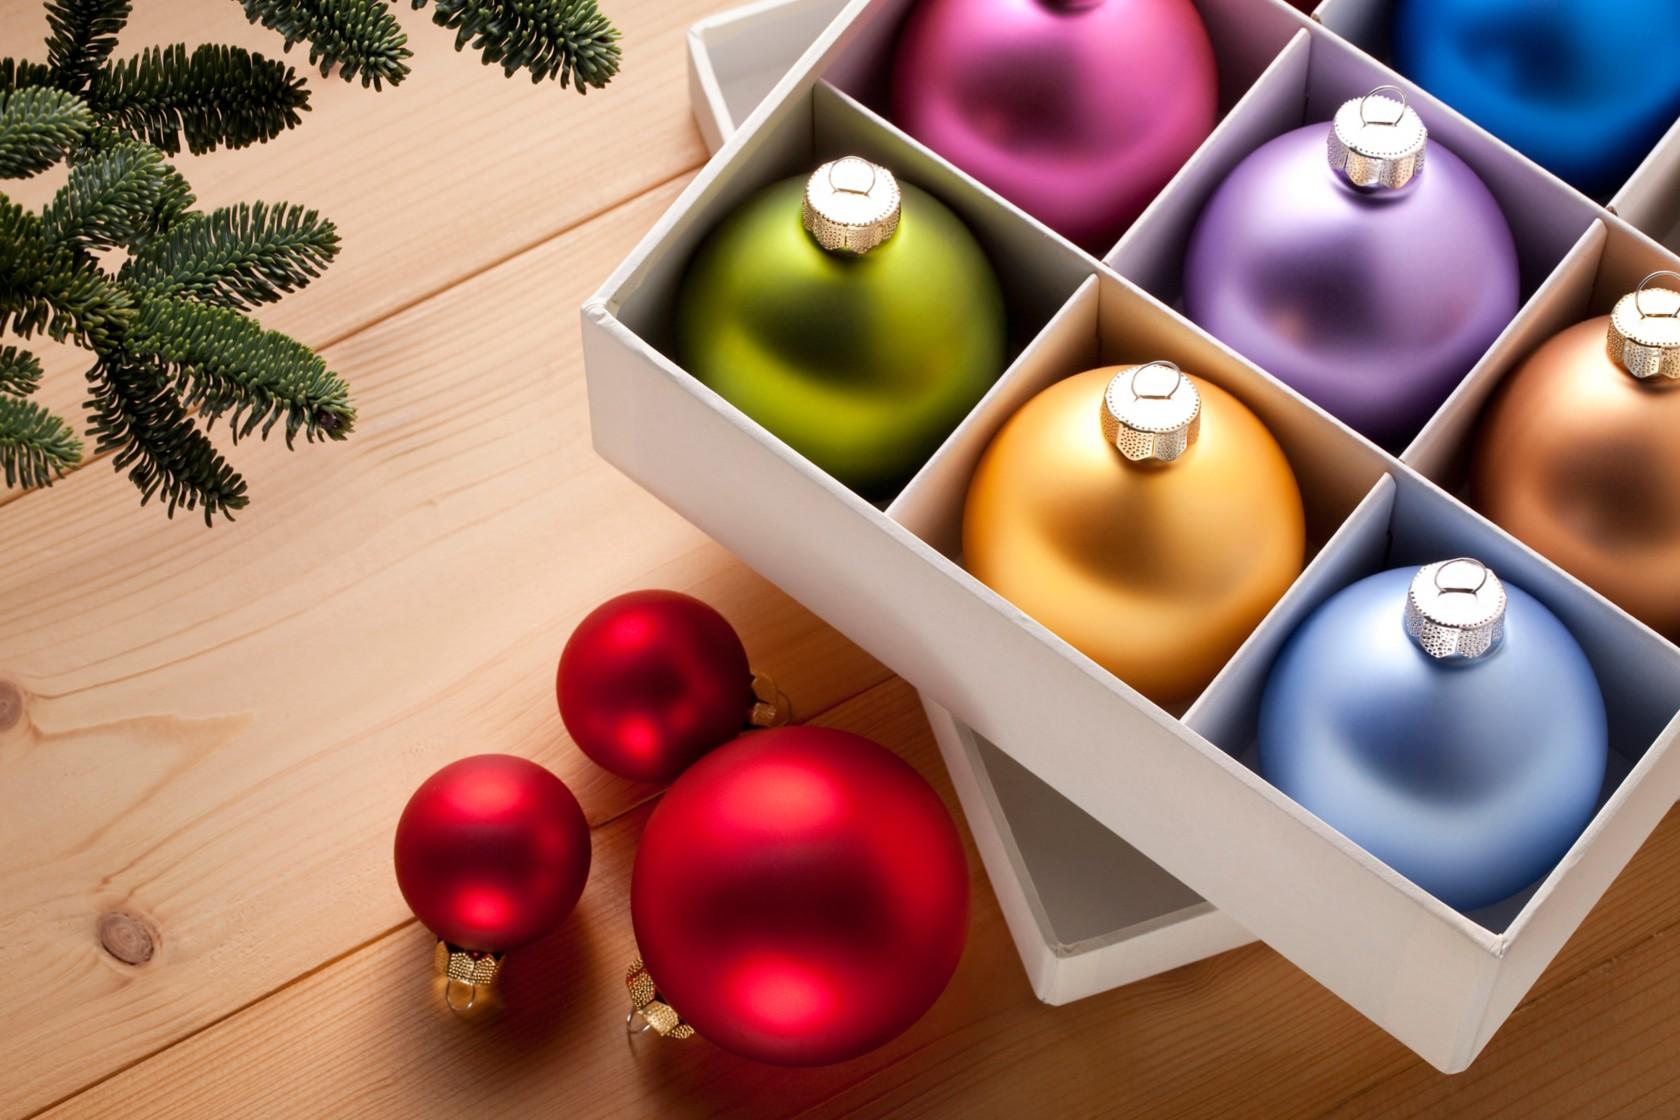 Tannenbaumentsorgung, Weihnachtskugeln liegen in einer Box